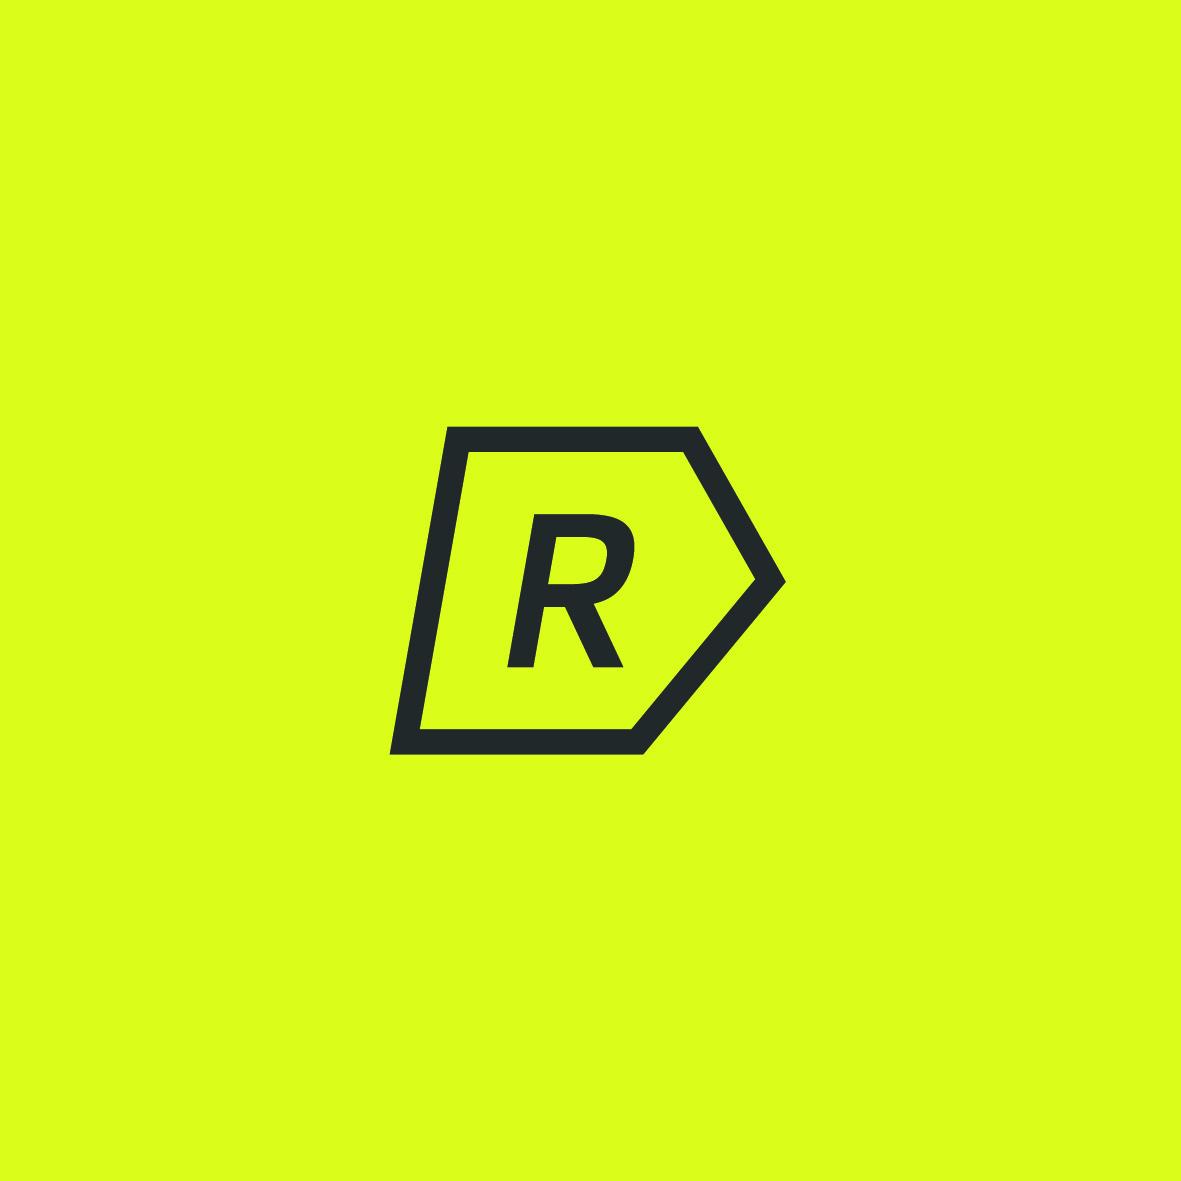 #RUNRIOT - www.runarchy.com